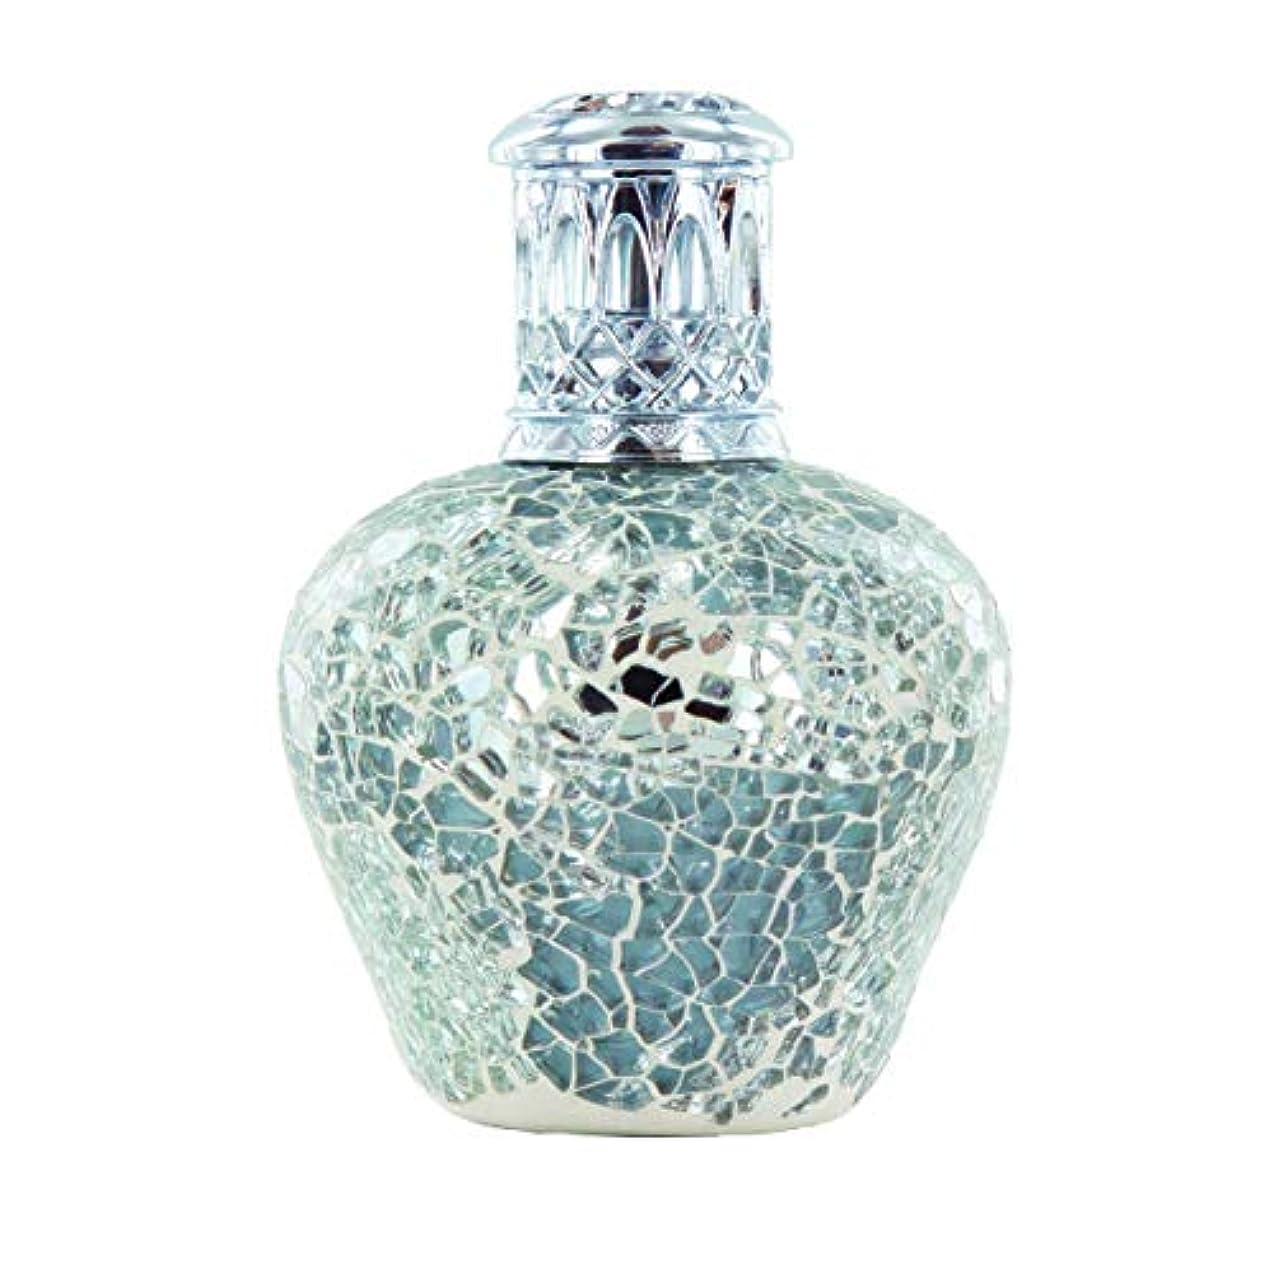 精神香水秀でるAshleigh&Burwood フレグランスランプ S ルミノシティ FragranceLamps sizeS Luminosity アシュレイ&バーウッド